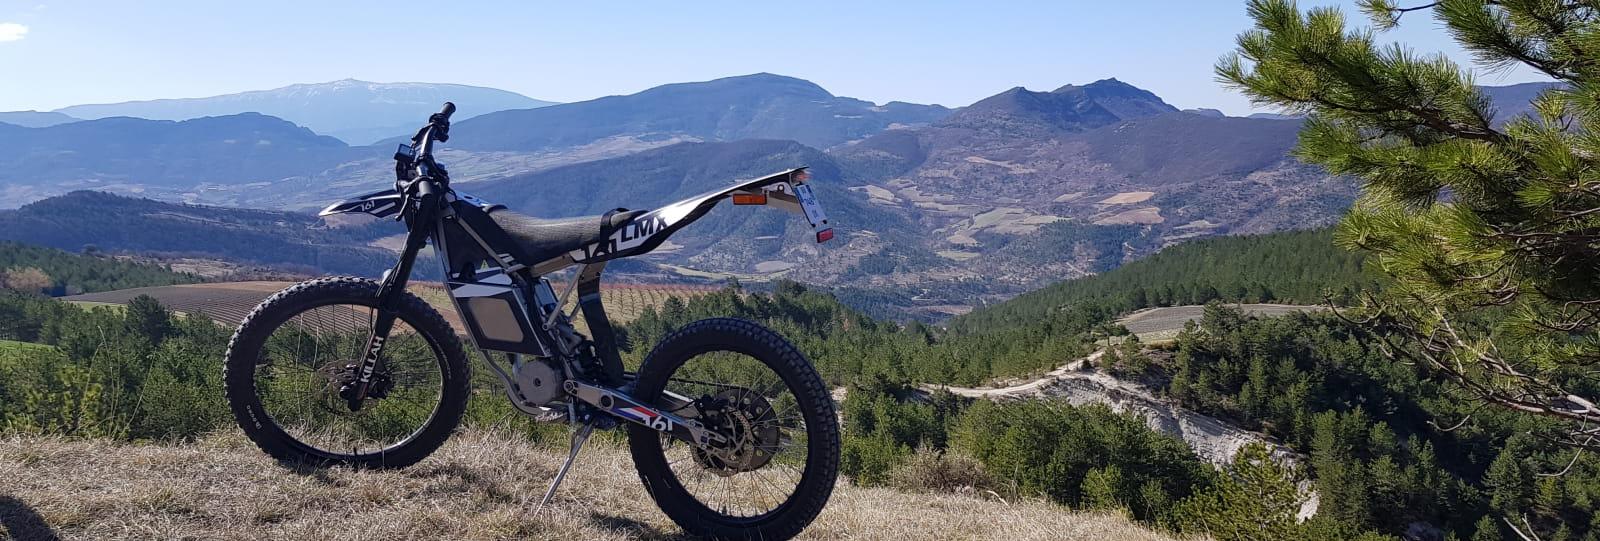 Randonnées en moto électrique LMX